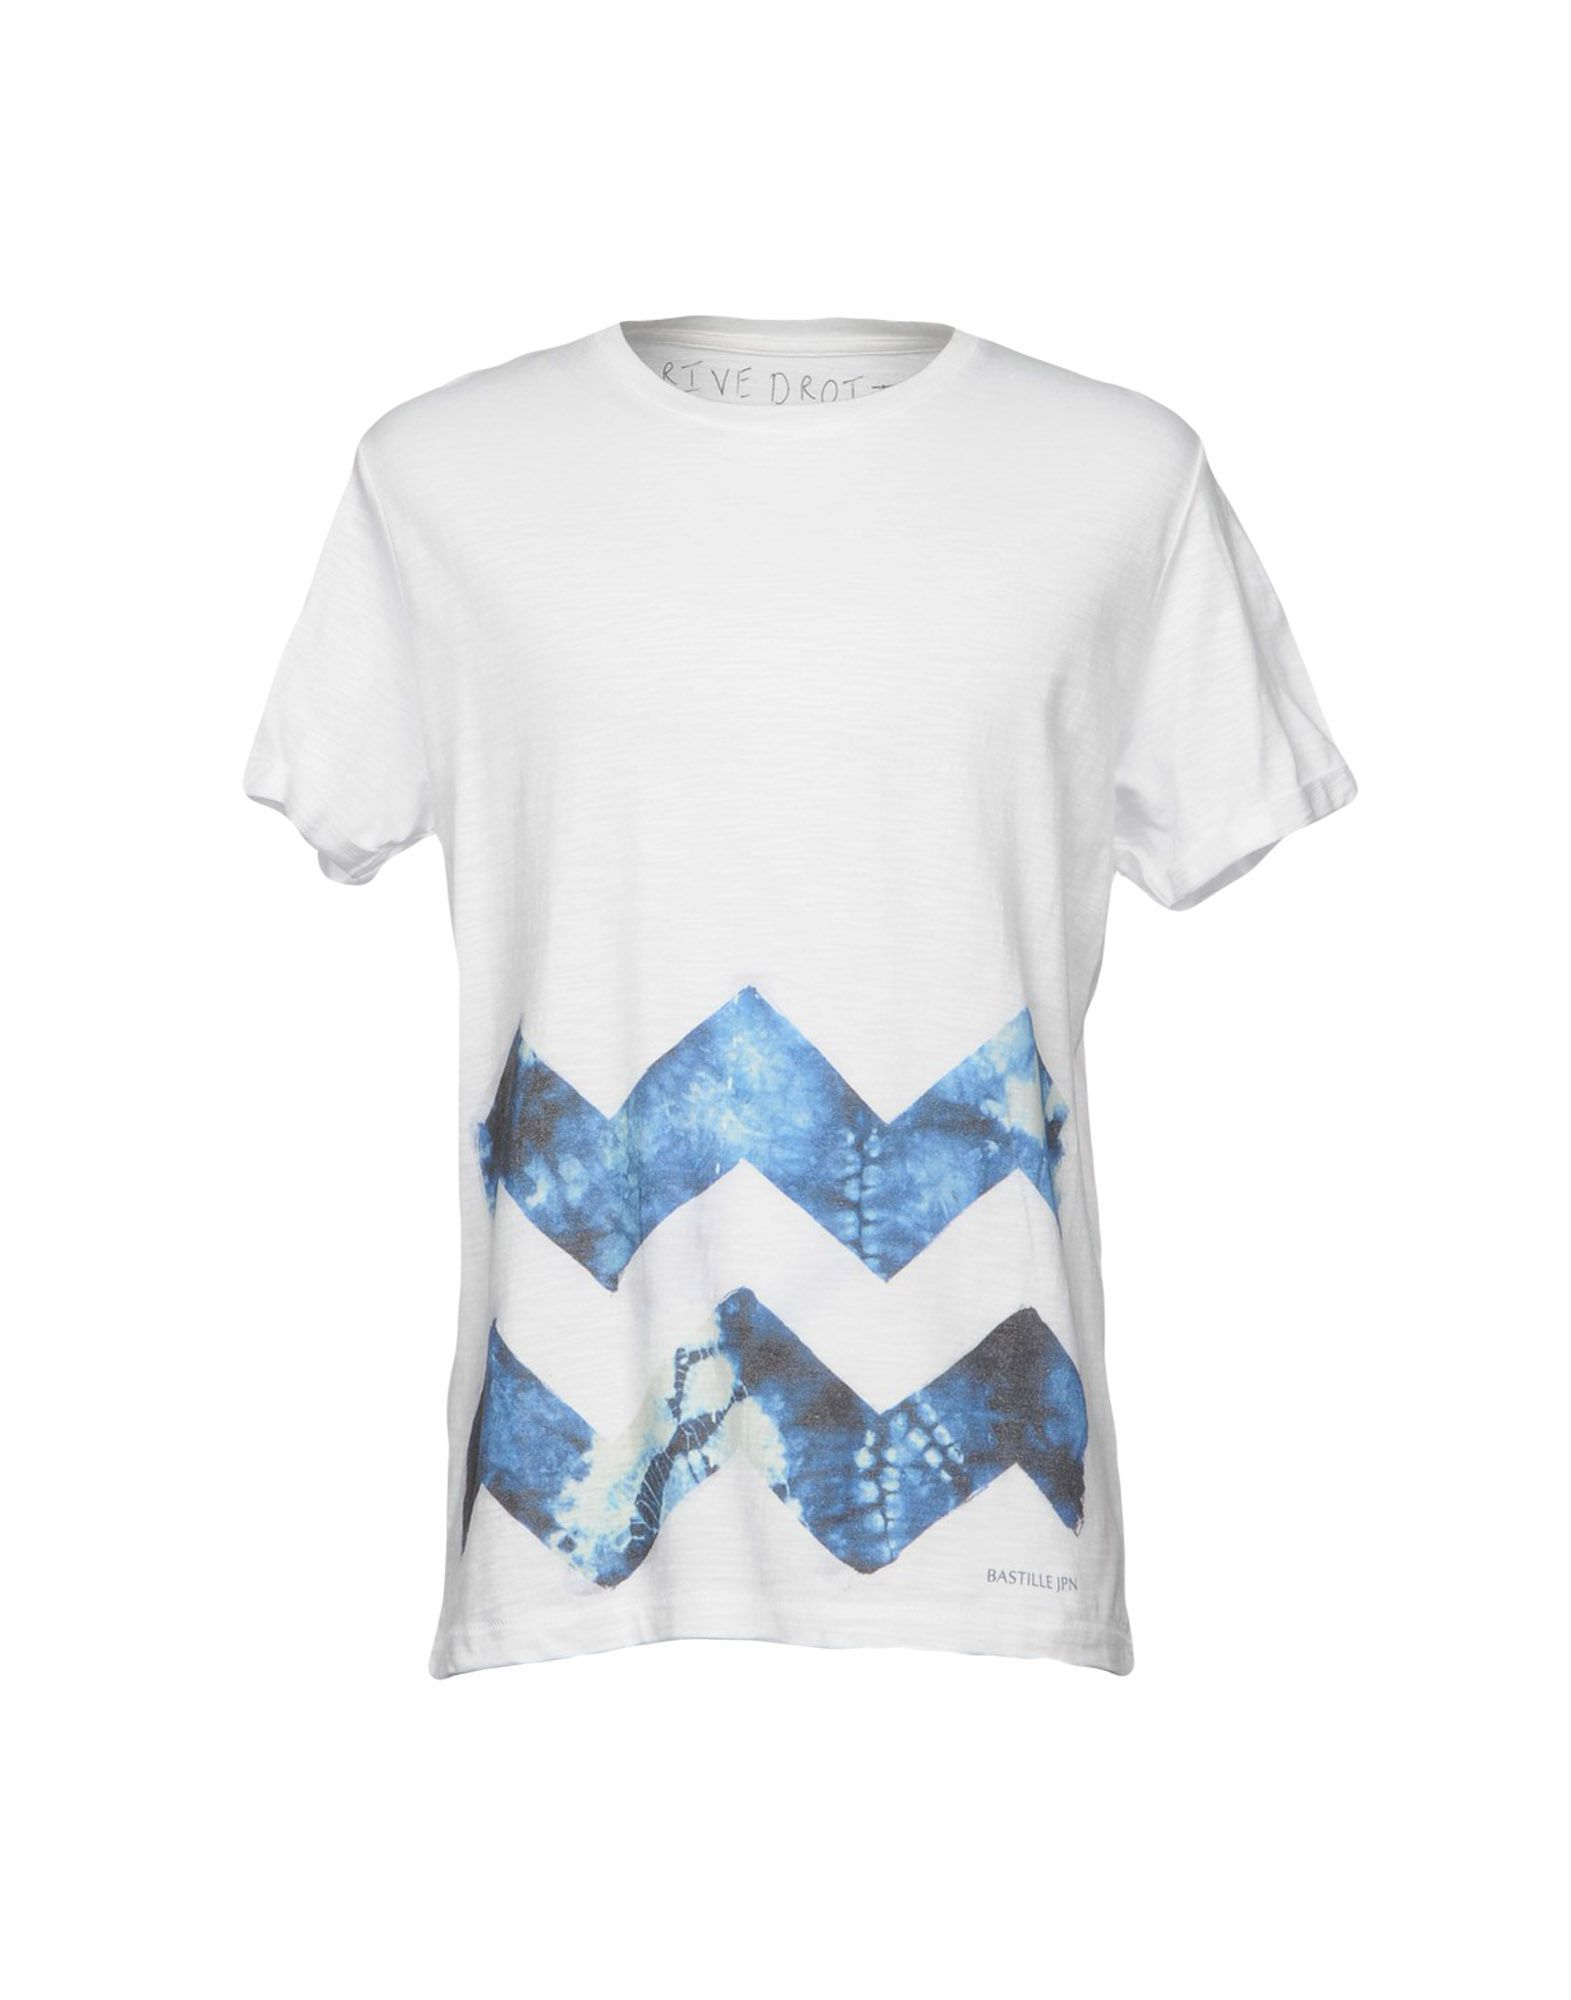 BASTILLE Herren T-shirts Farbe Weiß Größe 6 jetztbilligerkaufen